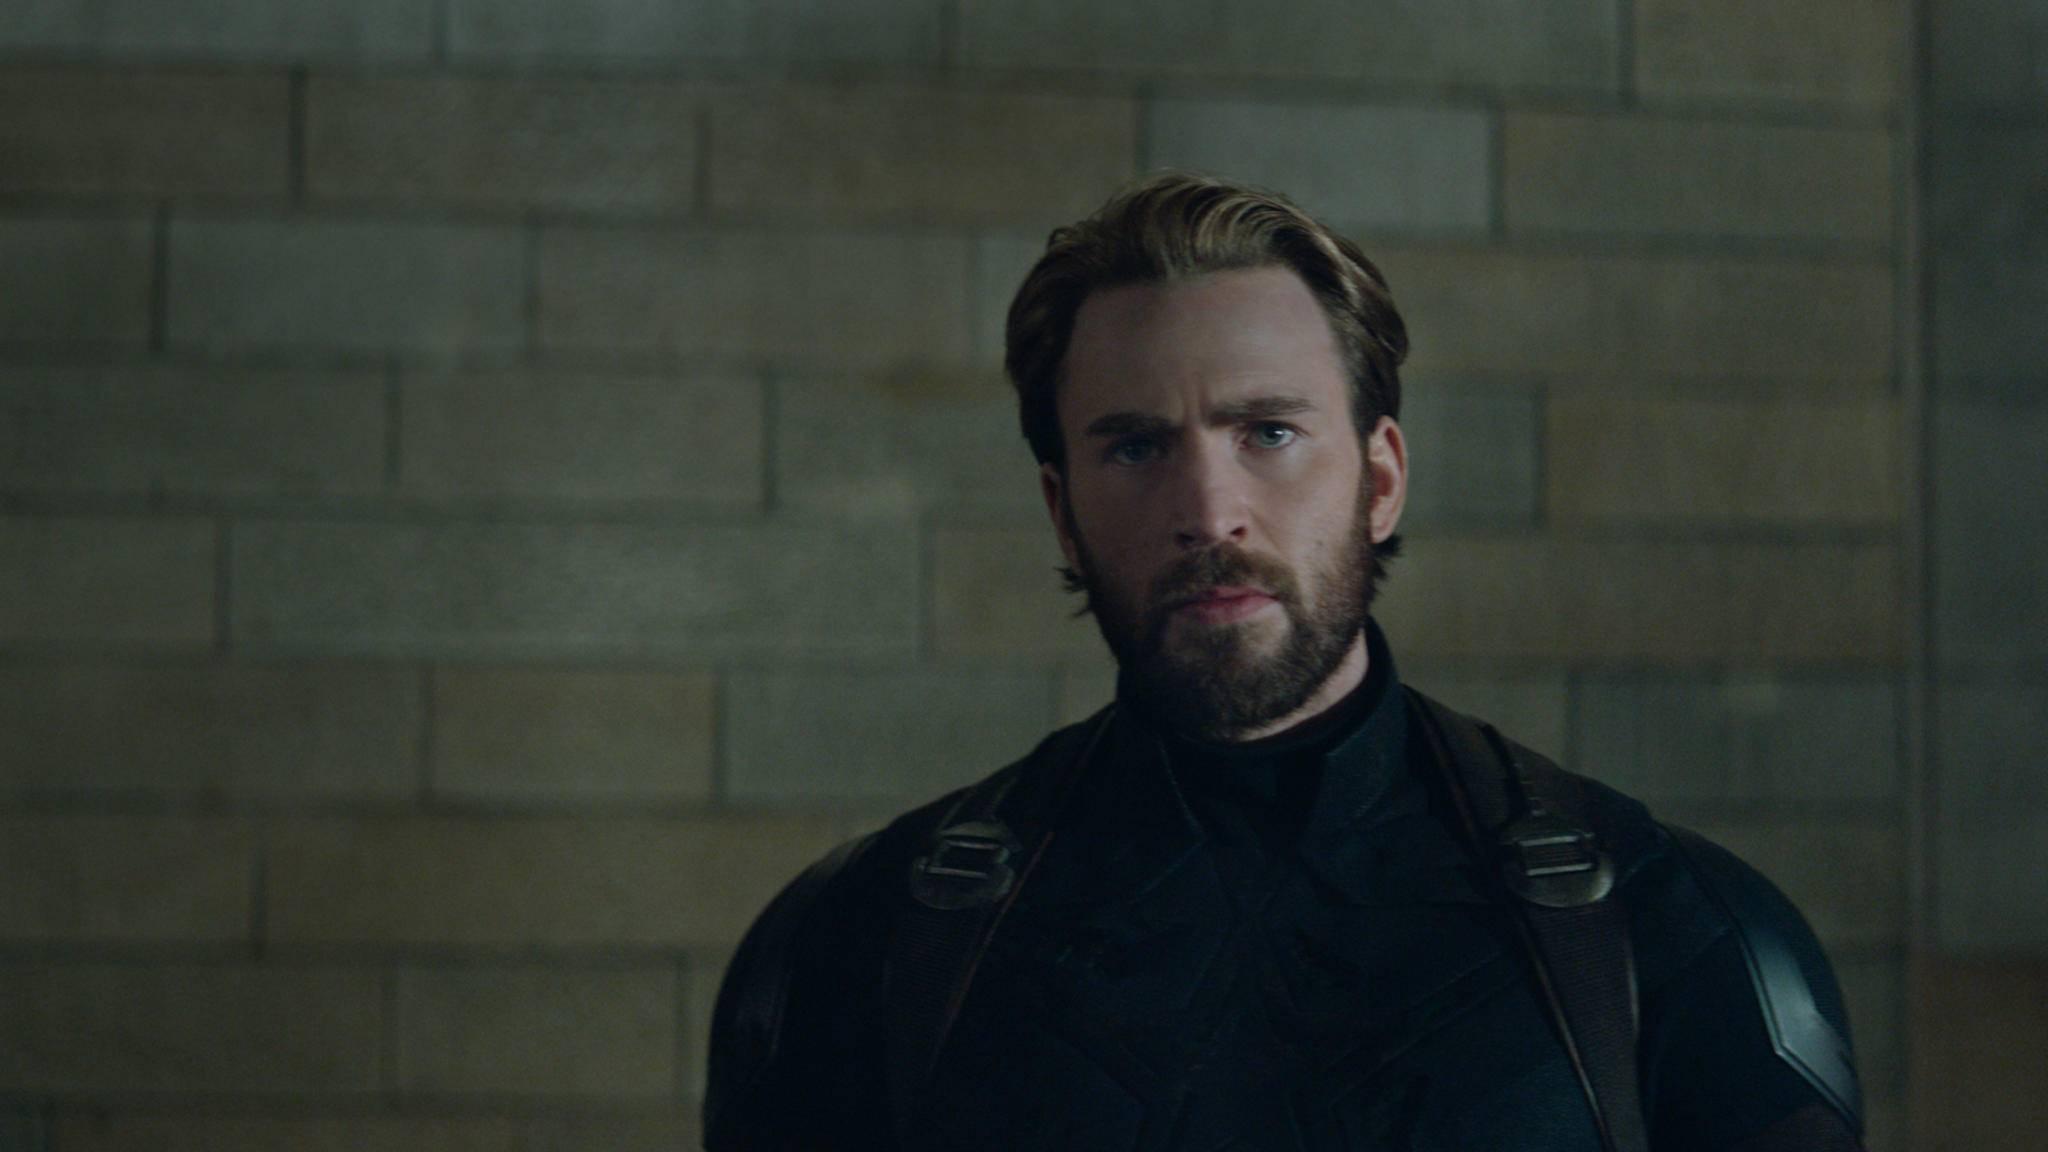 """Cap macht offenbar doch eine persönliche Kehrtwende in """"Avengers: Infinity War""""."""